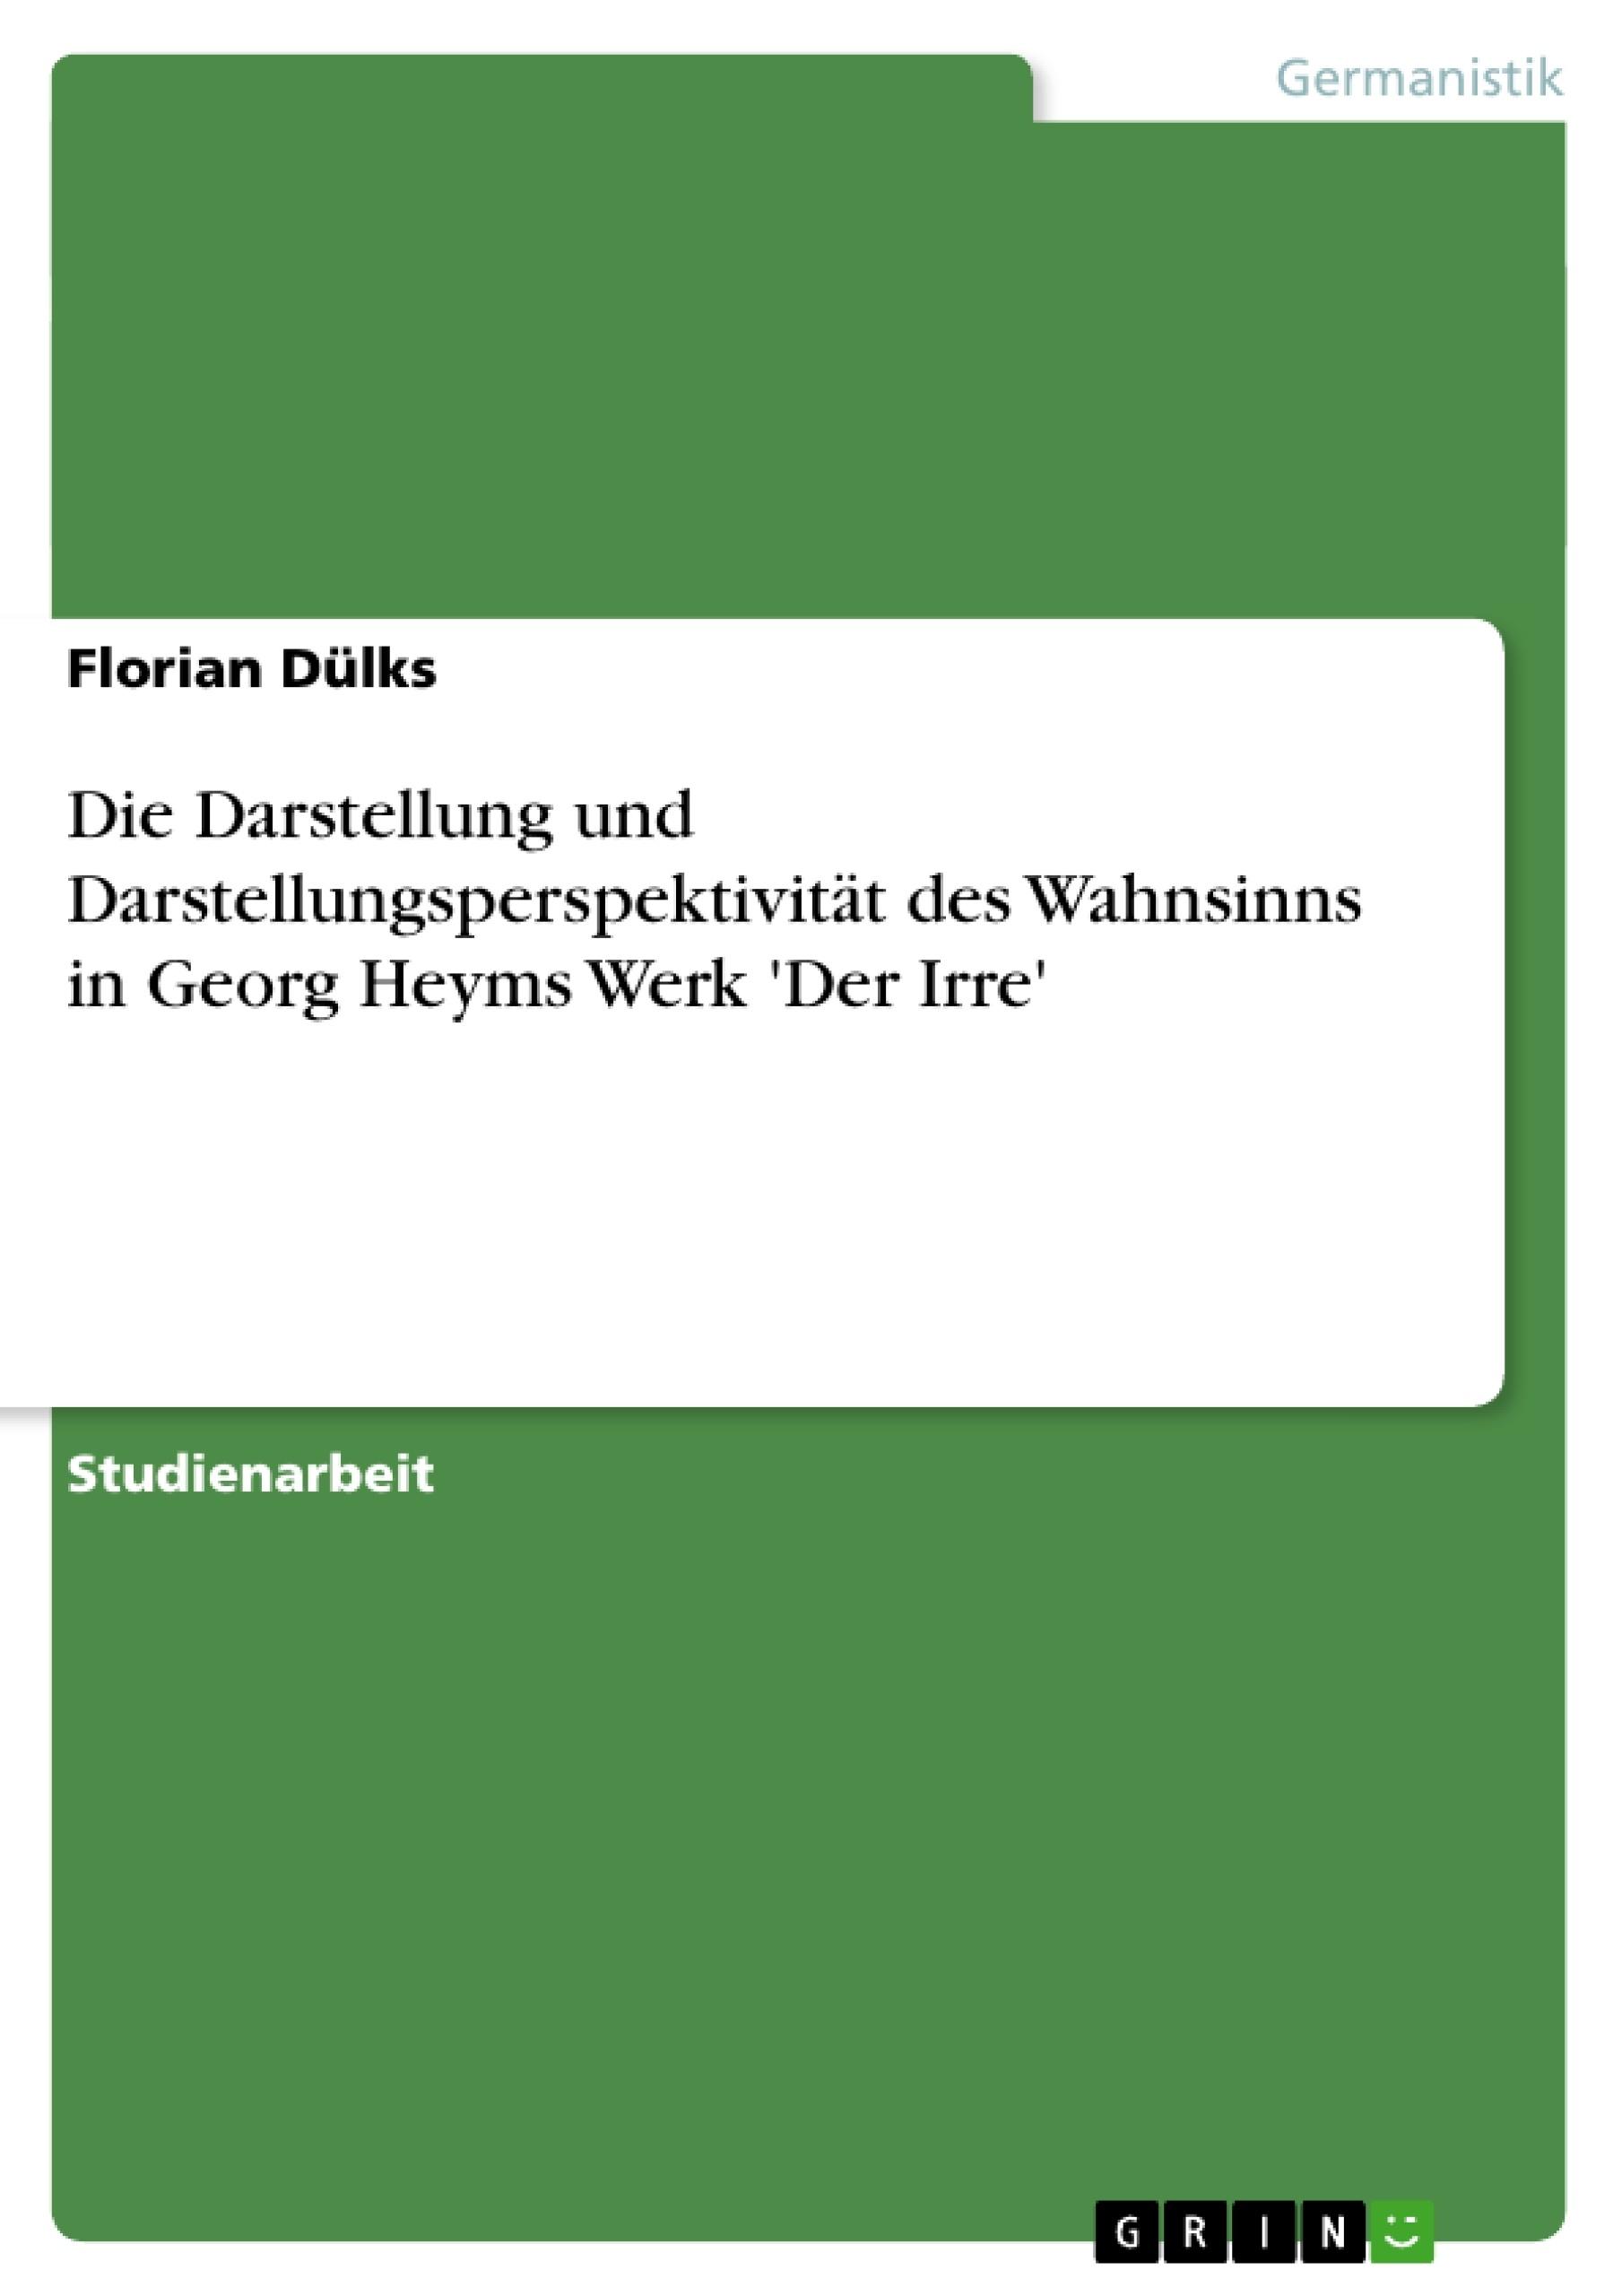 Titel: Die Darstellung und Darstellungsperspektivität des Wahnsinns in Georg Heyms Werk 'Der Irre'